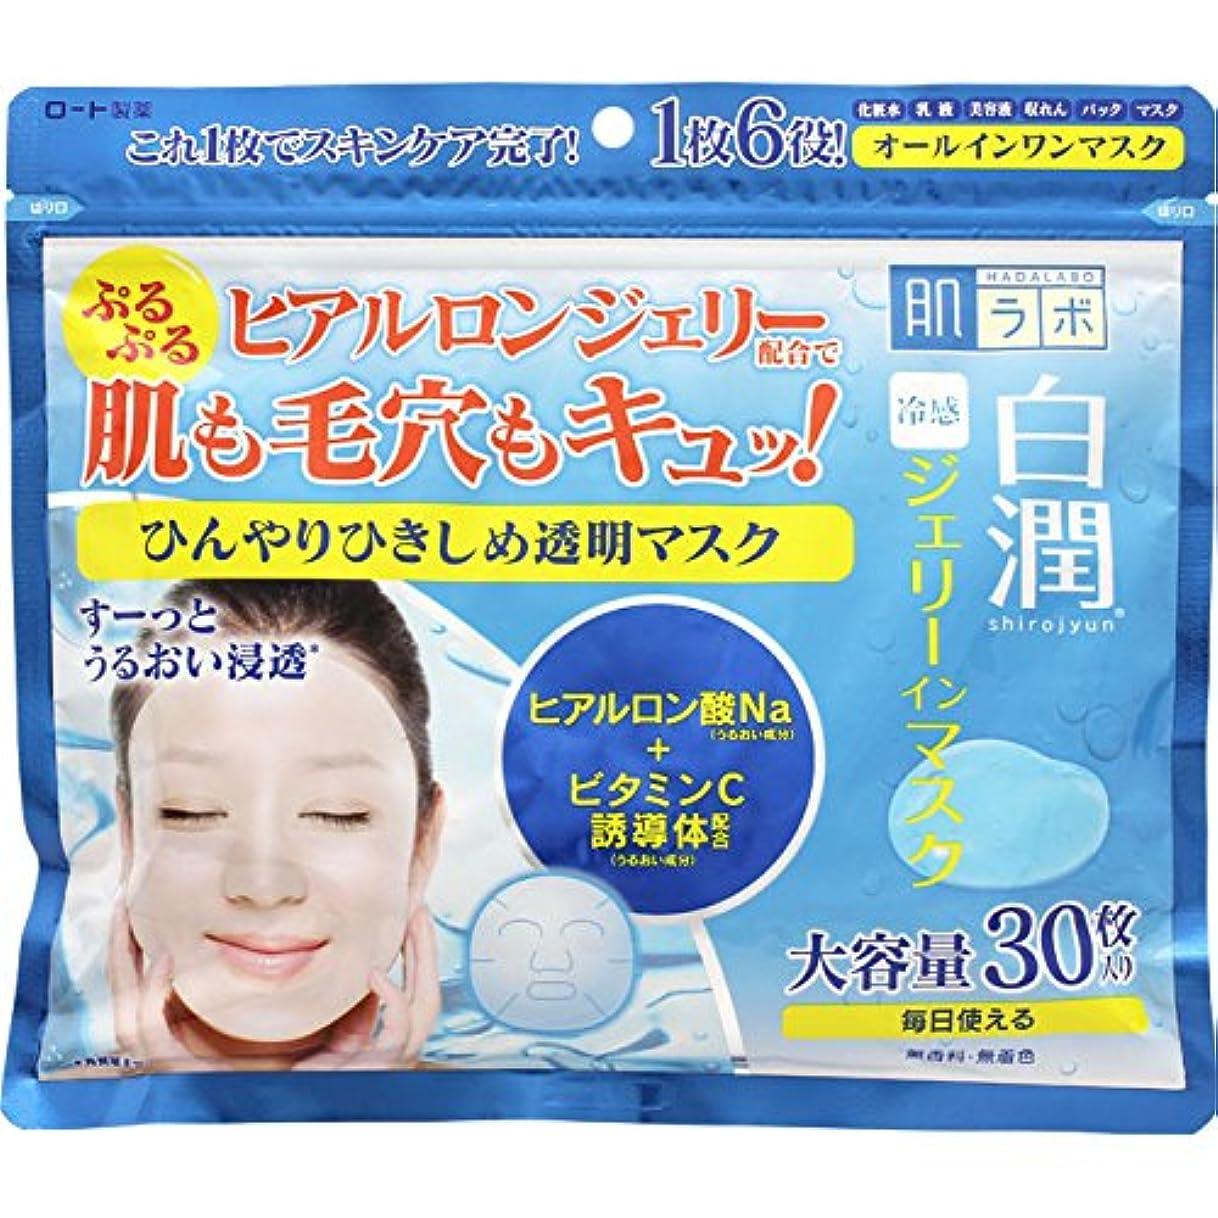 アラートオッズ拷問肌ラボ 白潤 冷感ジェリーインマスク 化粧水?乳液?美容液?収れん?パック?マスクの1枚6役 大容量30枚